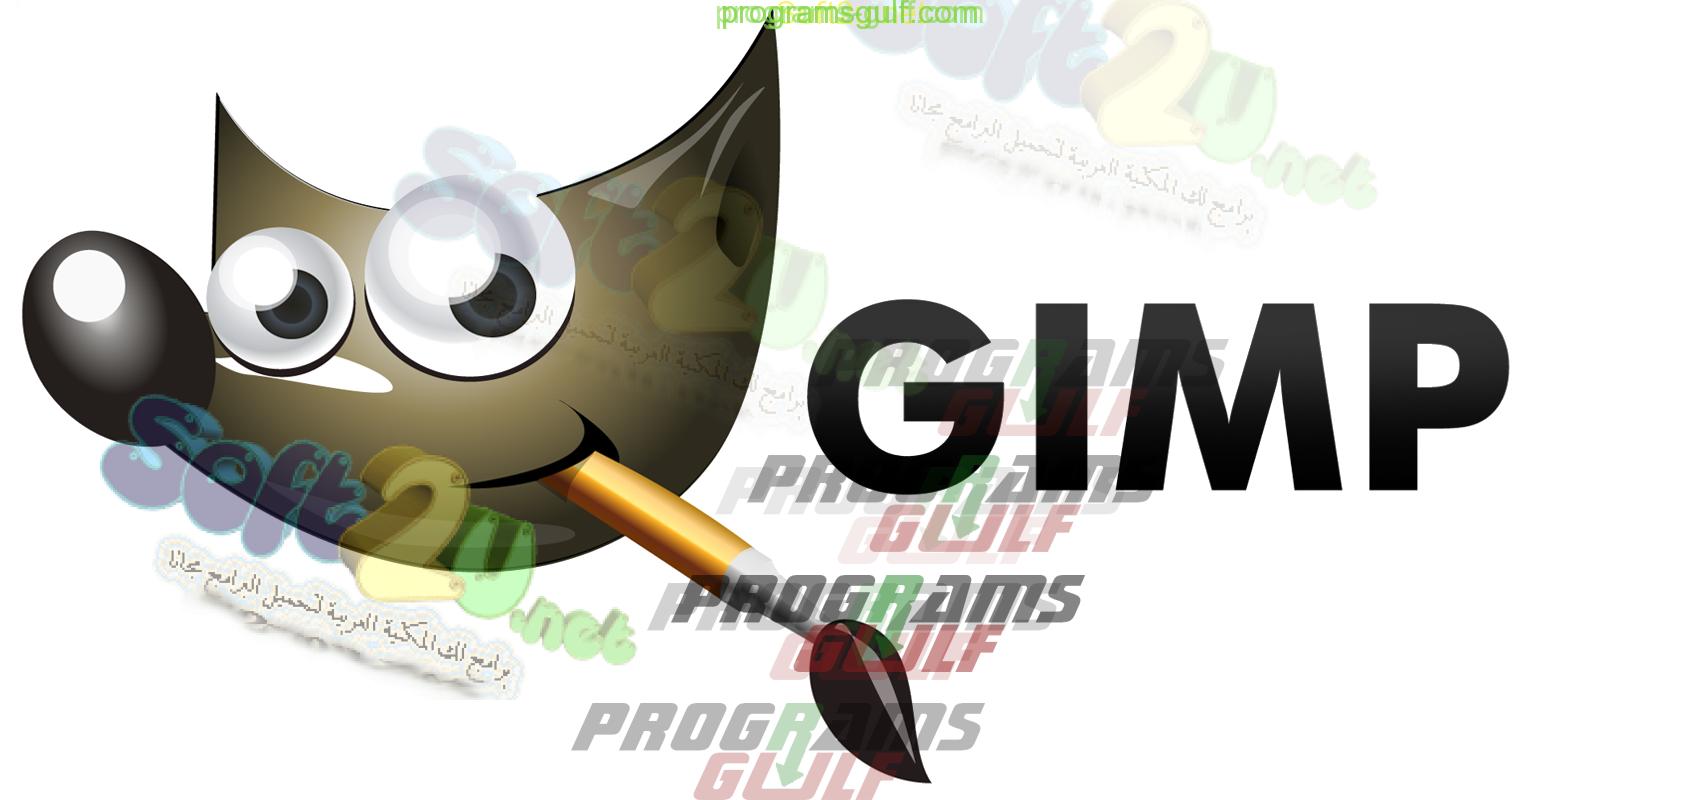 Photo of تحميل برنامج جيمب GIMP لتحرير الصور والتعديل عليها للكمبيوتر الاصدار الاخير